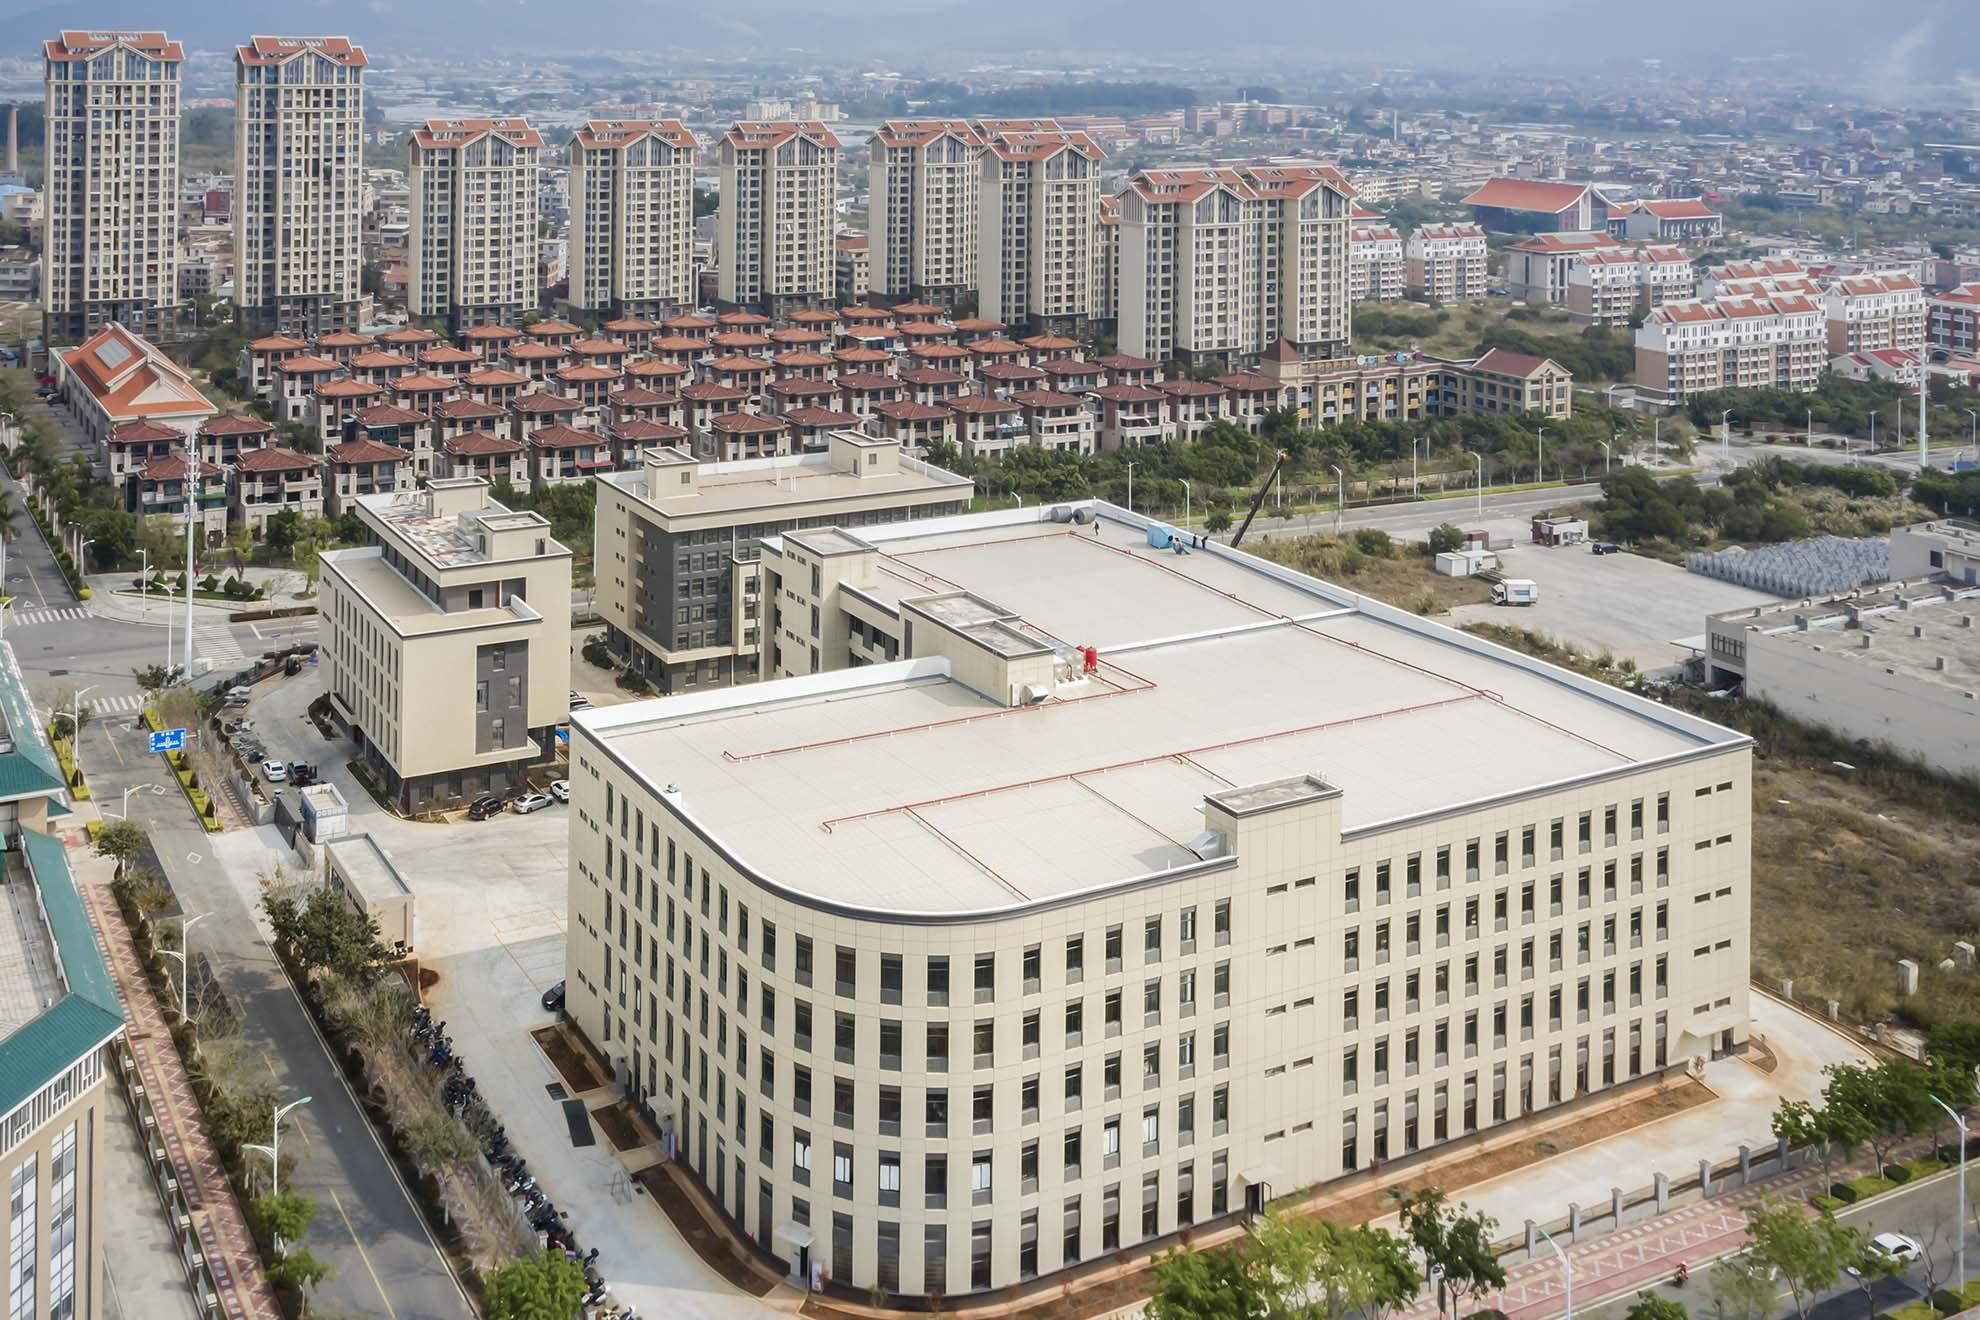 制造设施 - HDPK